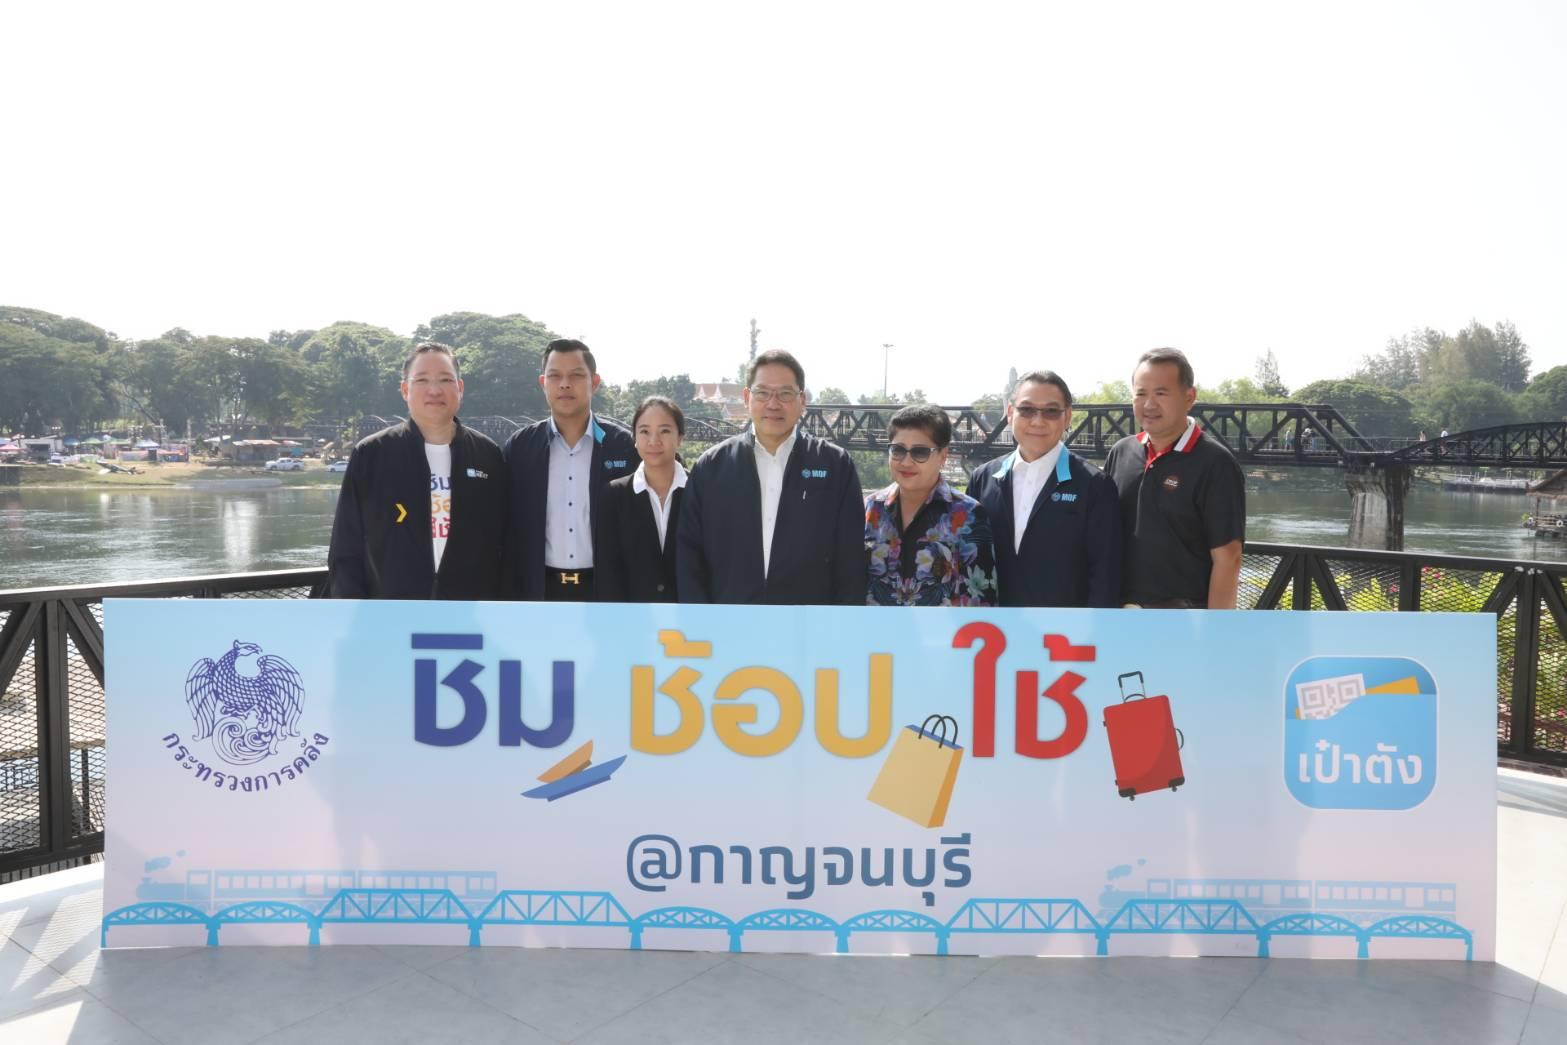 กรุงไทยเดินหน้าG-Wallet 2-ลงพื้นที่เมืองกาญจน์โชว์ยอดใช้จ่ายพุ่ง 7%